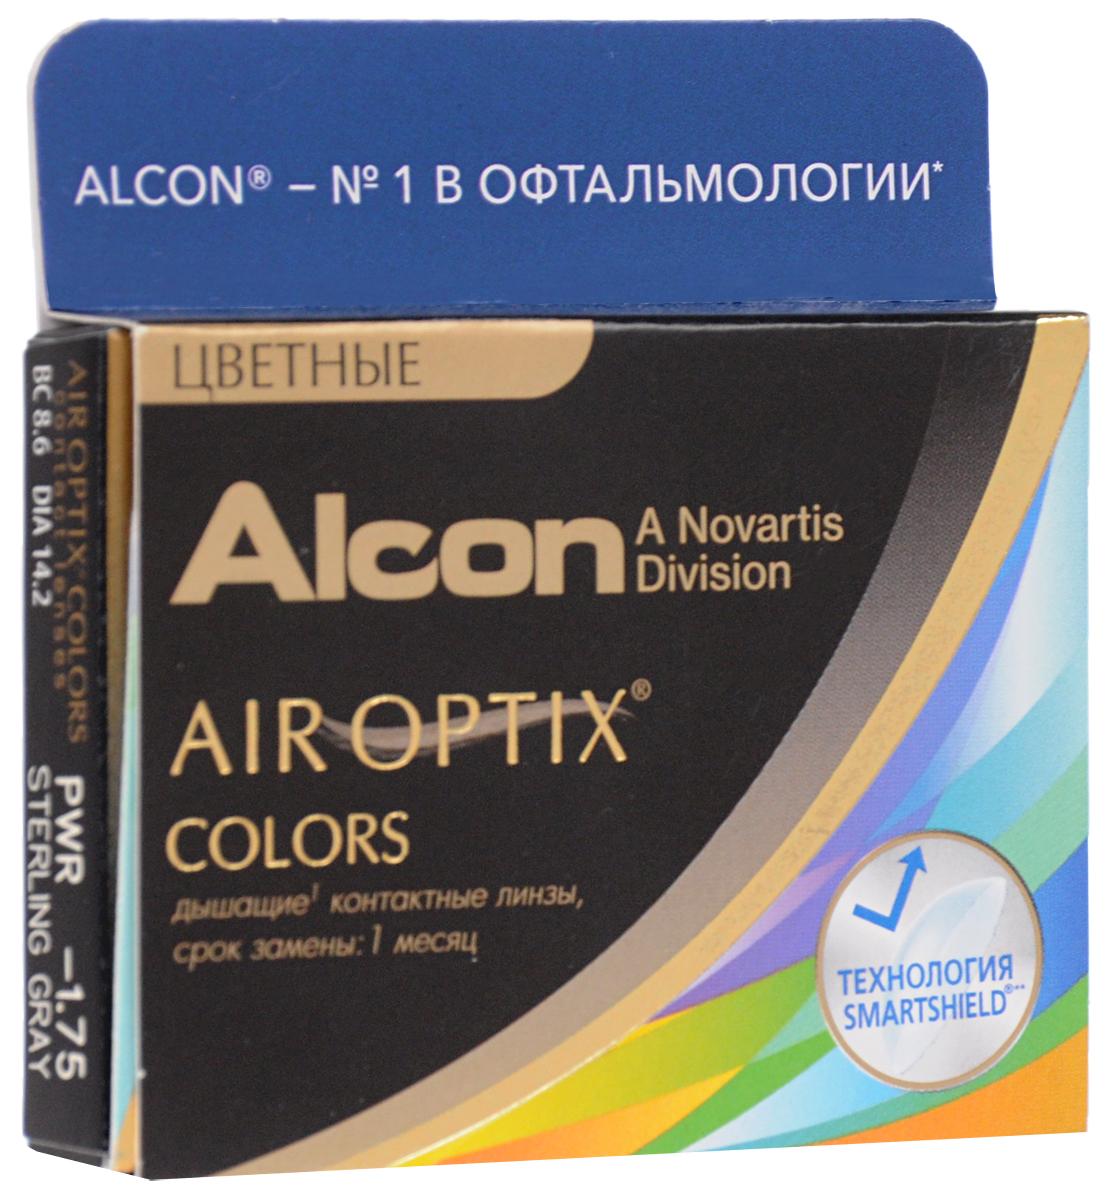 Аlcon контактные линзы Air Optix Colors 2 шт -1.75 Sterling GrayФМ000000204Мягкие контактные линзыУважаемые клиенты! Обращаем ваше внимание на возможные изменения в дизайне упаковки. Качественные характеристики товара остаются неизменными. Поставка осуществляется в зависимости от наличия на складе.Контактные линзы или очки: советы офтальмологов. Статья OZON Гид